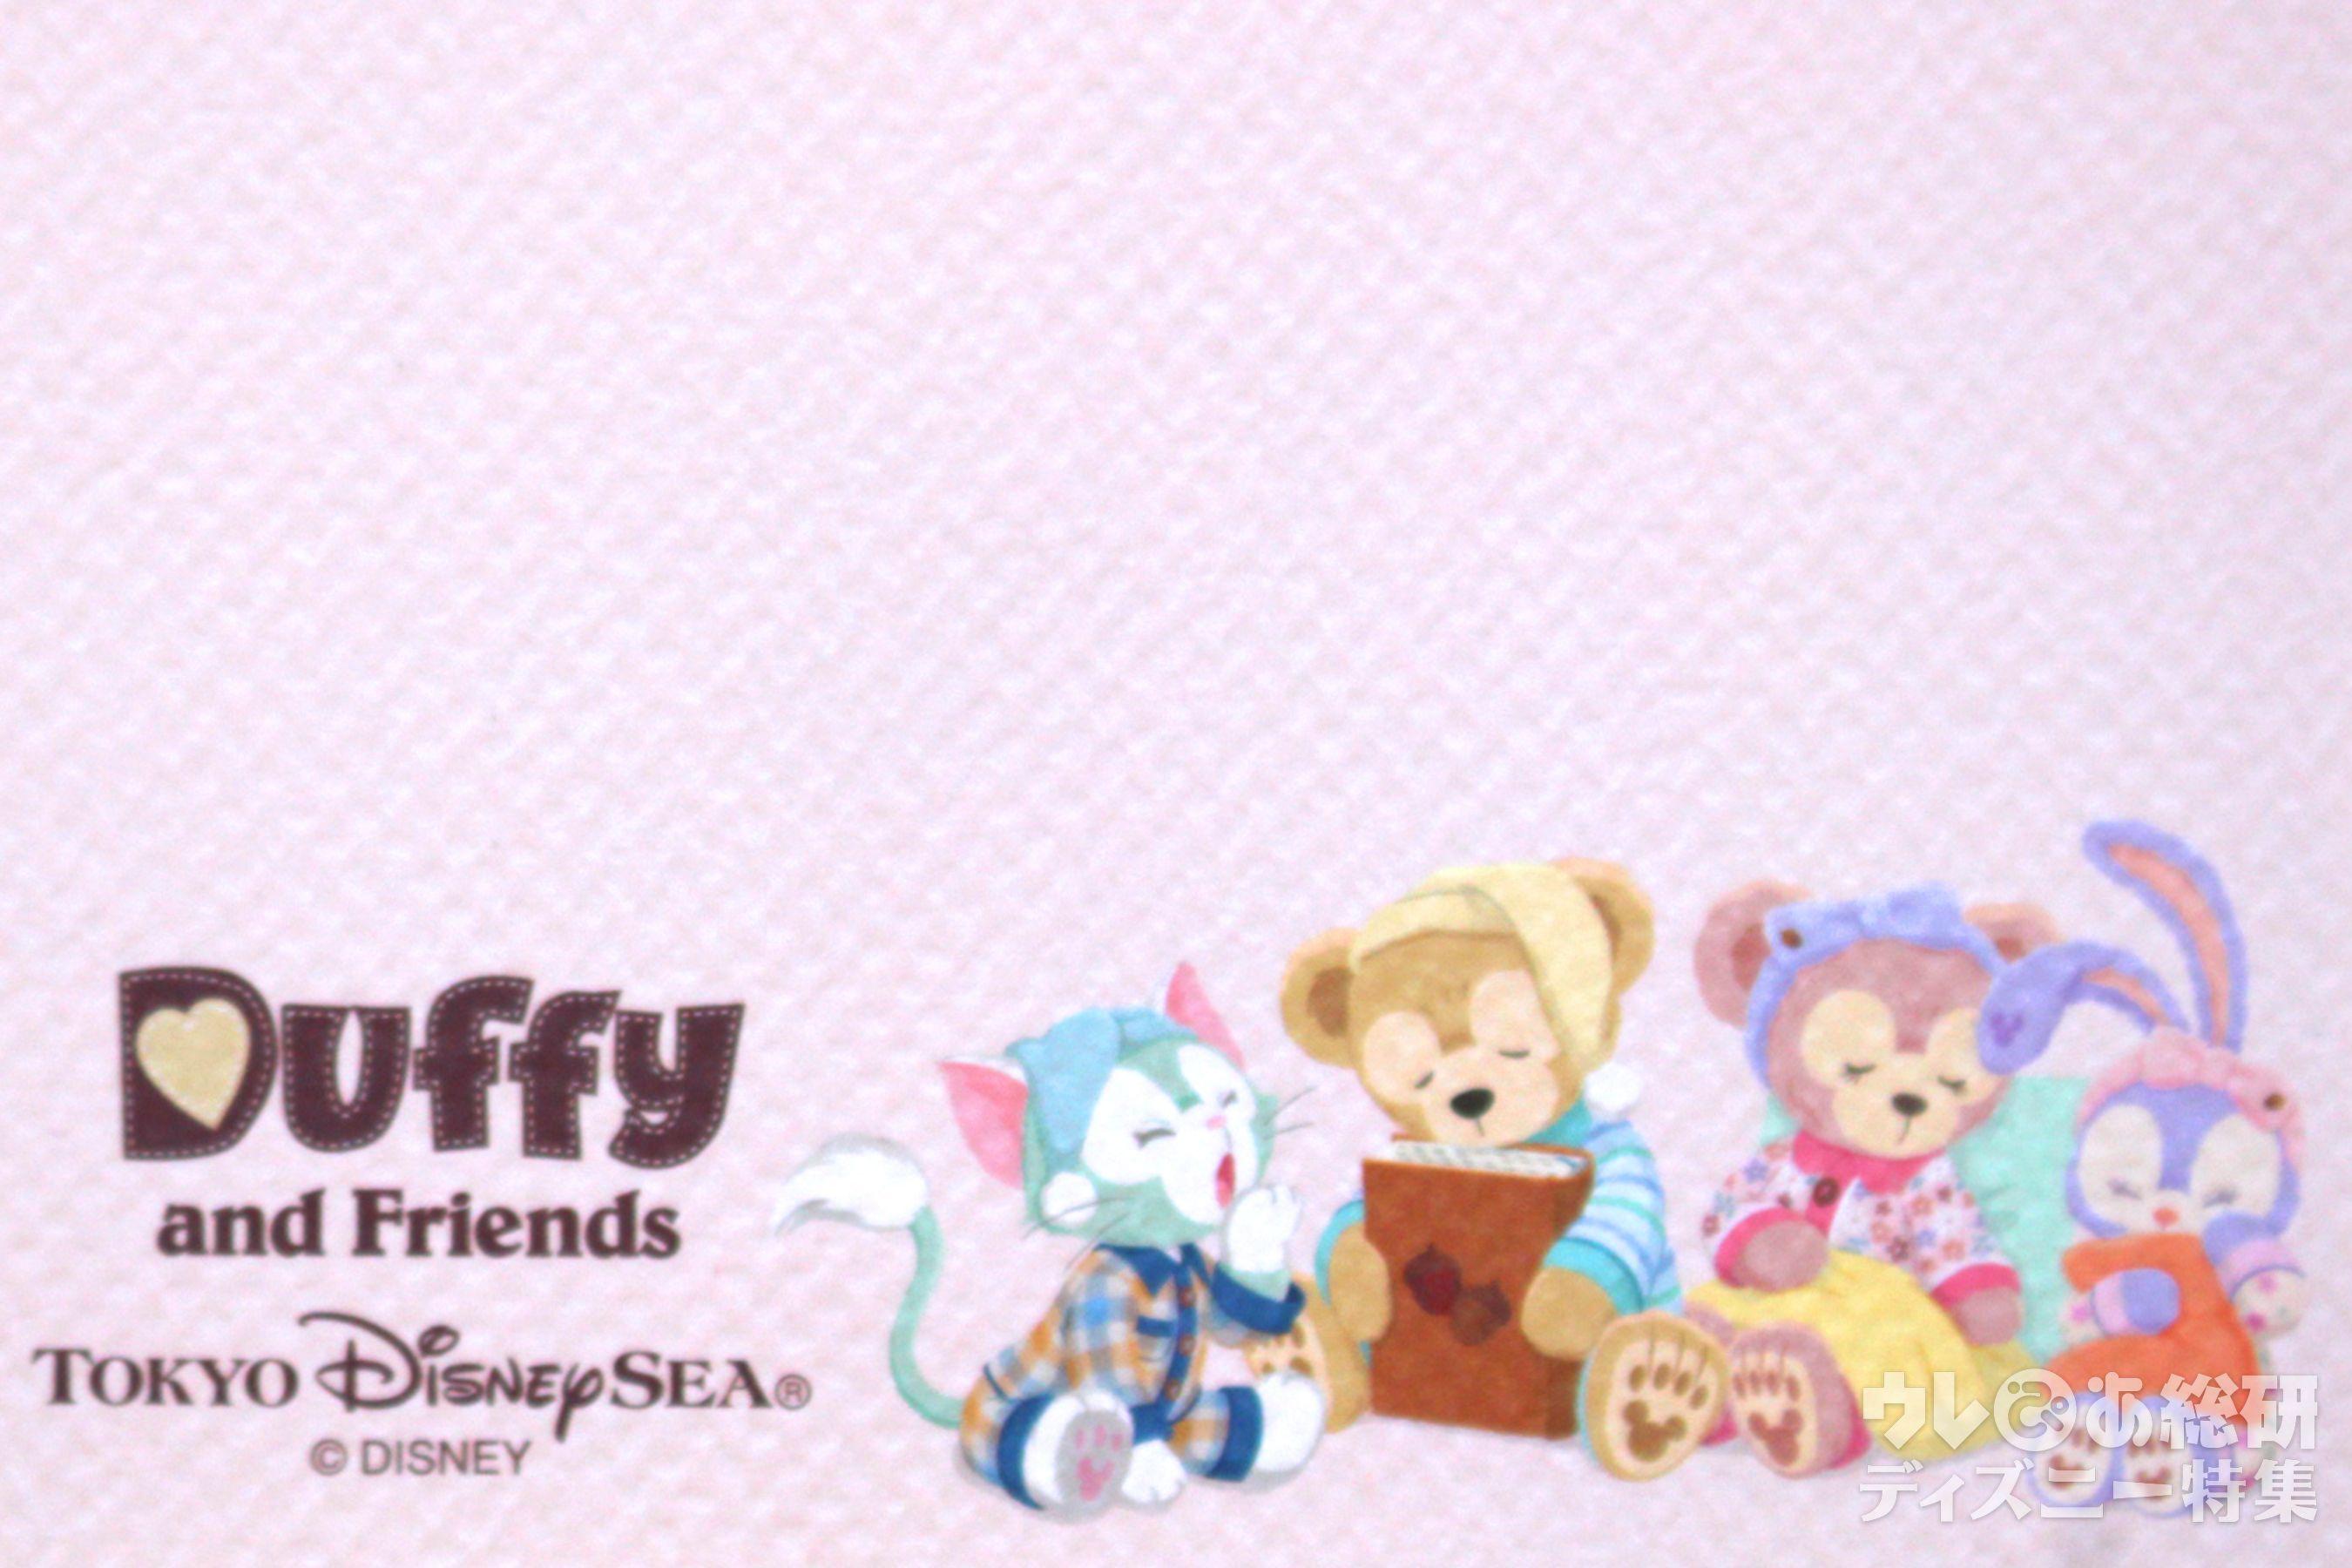 えっ 無料なの ダッフィー フレンズ 公式18カレンダー壁紙をダウンロードしちゃおう 写真 11 14 ディズニー特集 ウレぴあ総研